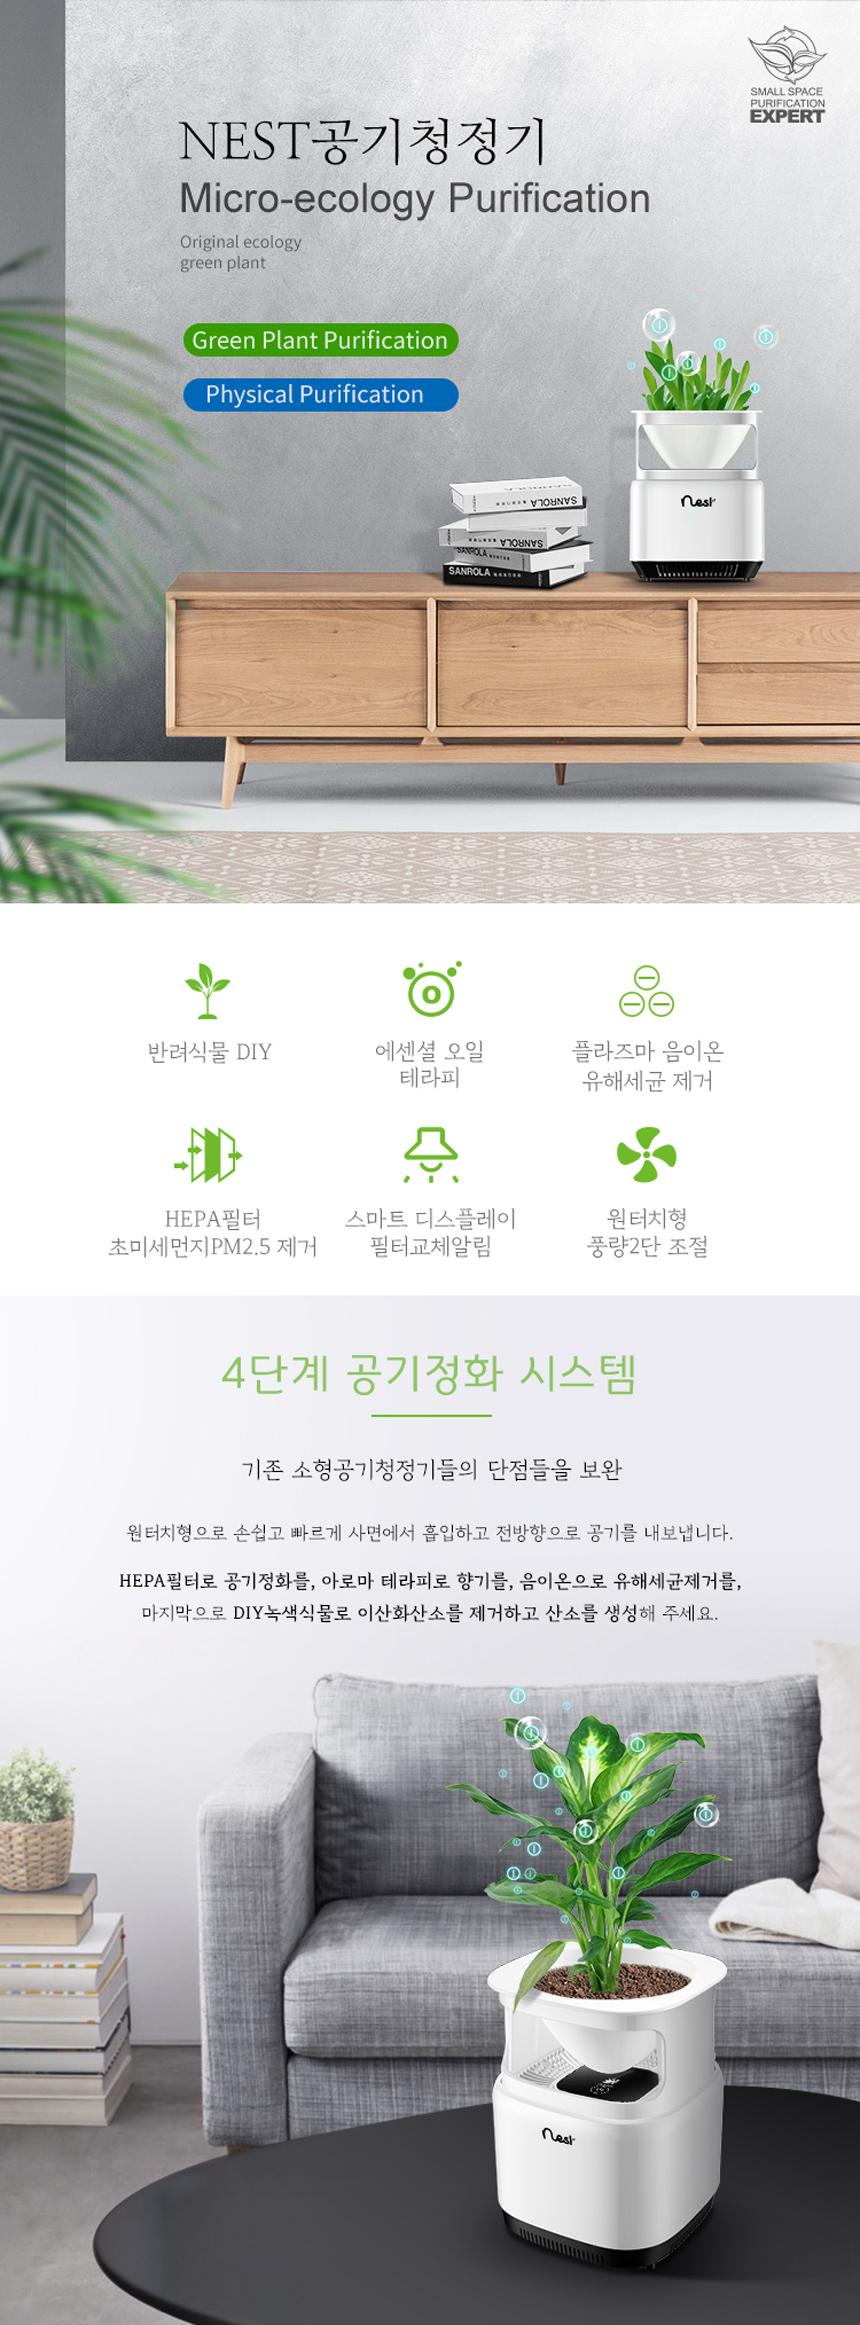 NEST반려식물 공기청정기 플렌트 NTAP01 - 네스트, 69,000원, 공기청정기, 공기청정기